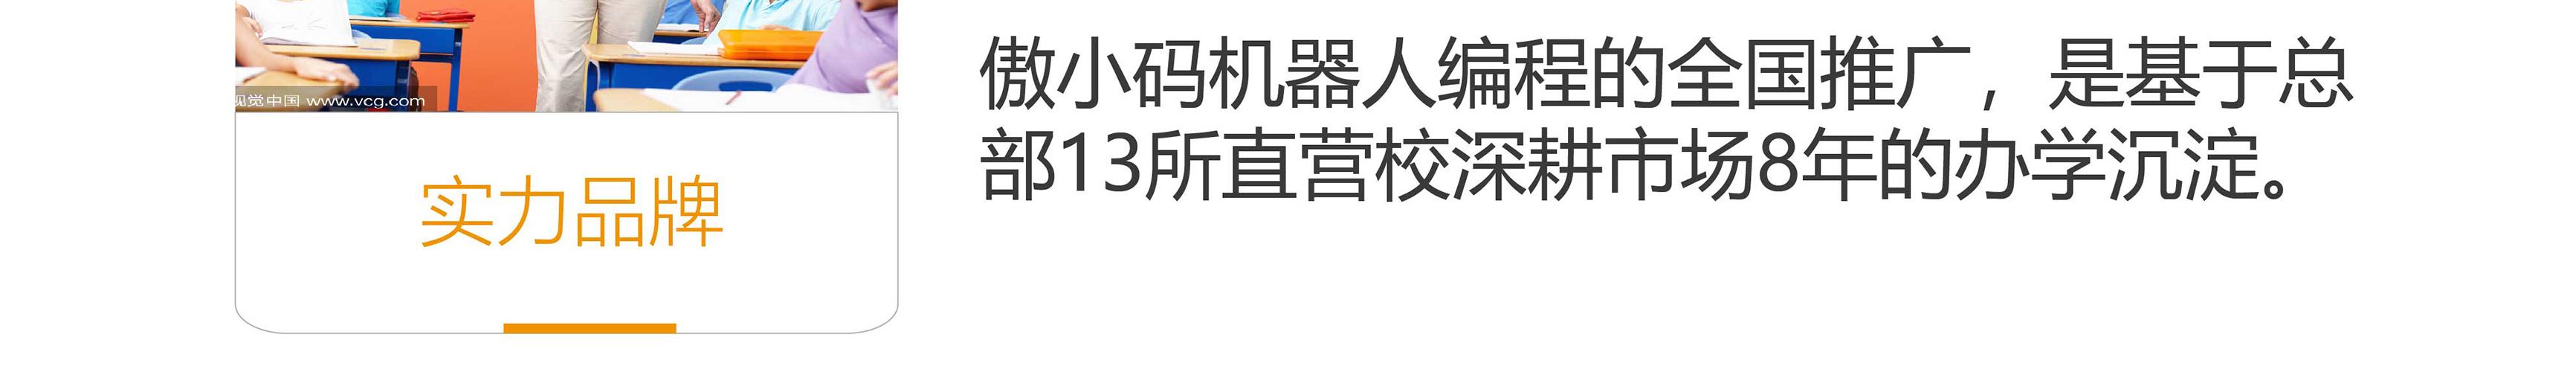 傲小码机器人编程20210818傲小码网站新_24